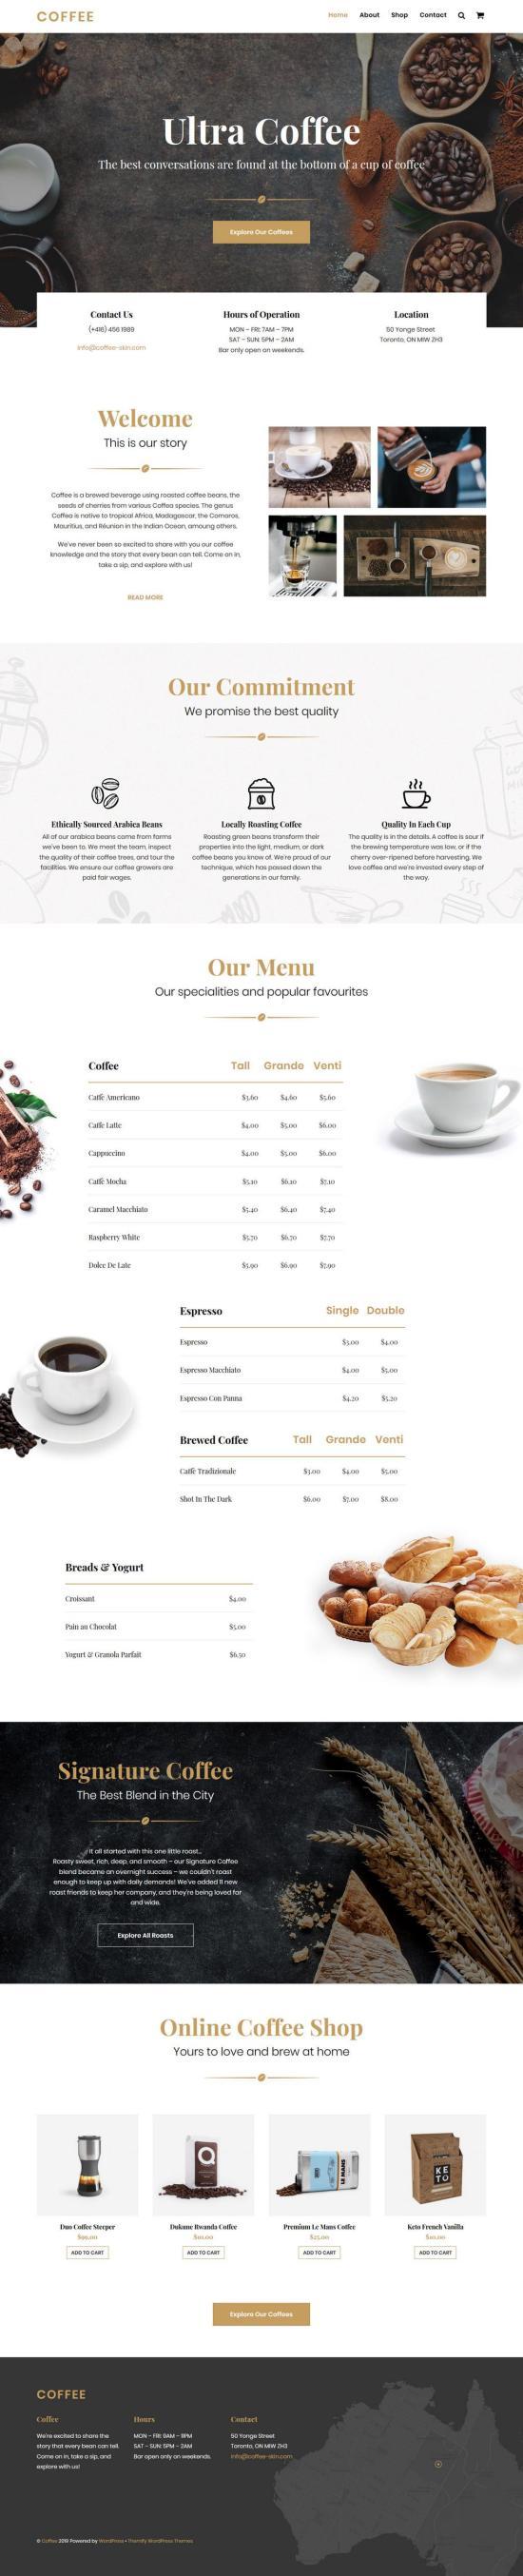 Ultra Coffee WordPress Theme Demo